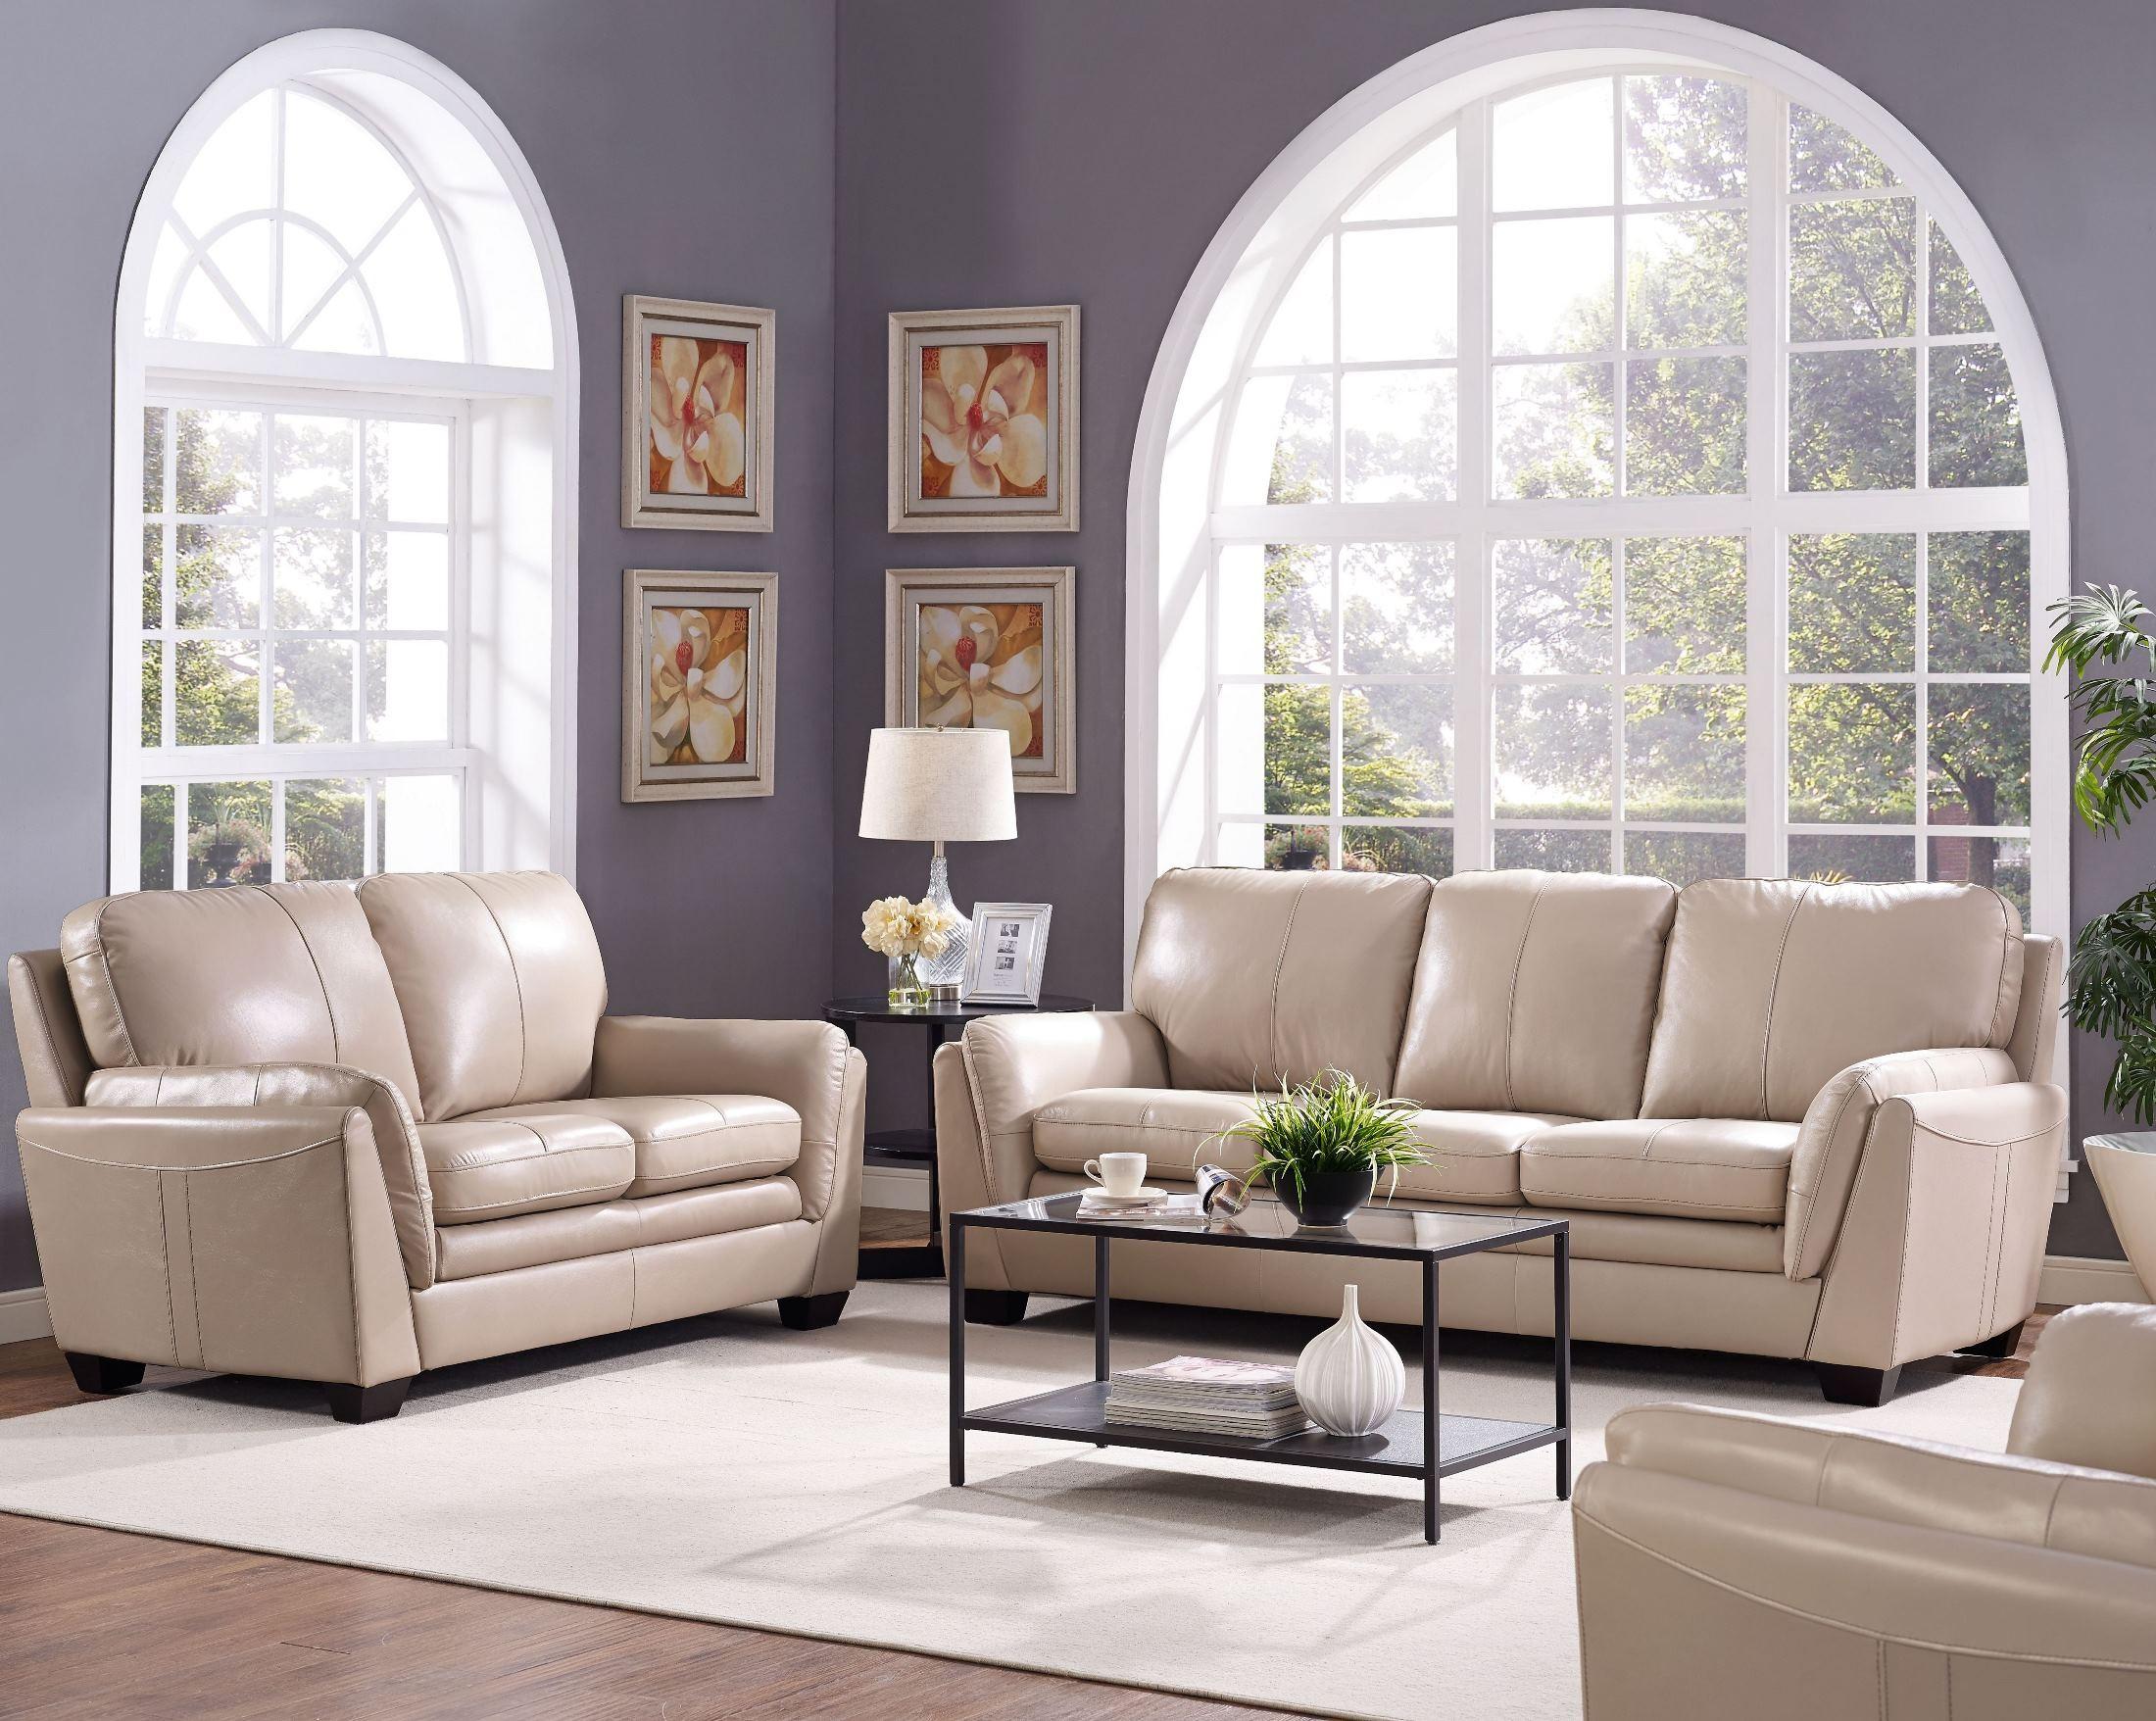 gianni beige living room set l7022 30 bbg new classics